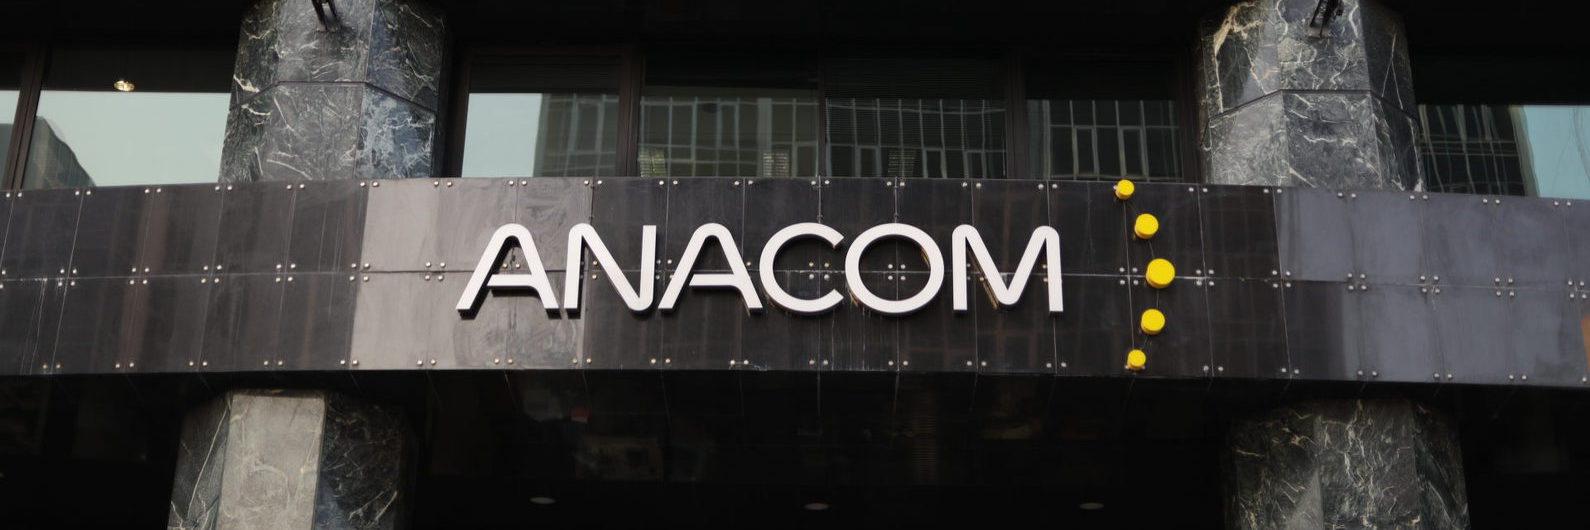 Anacom: operadoras obrigadas a aceitar rescisões ou a baixar preços